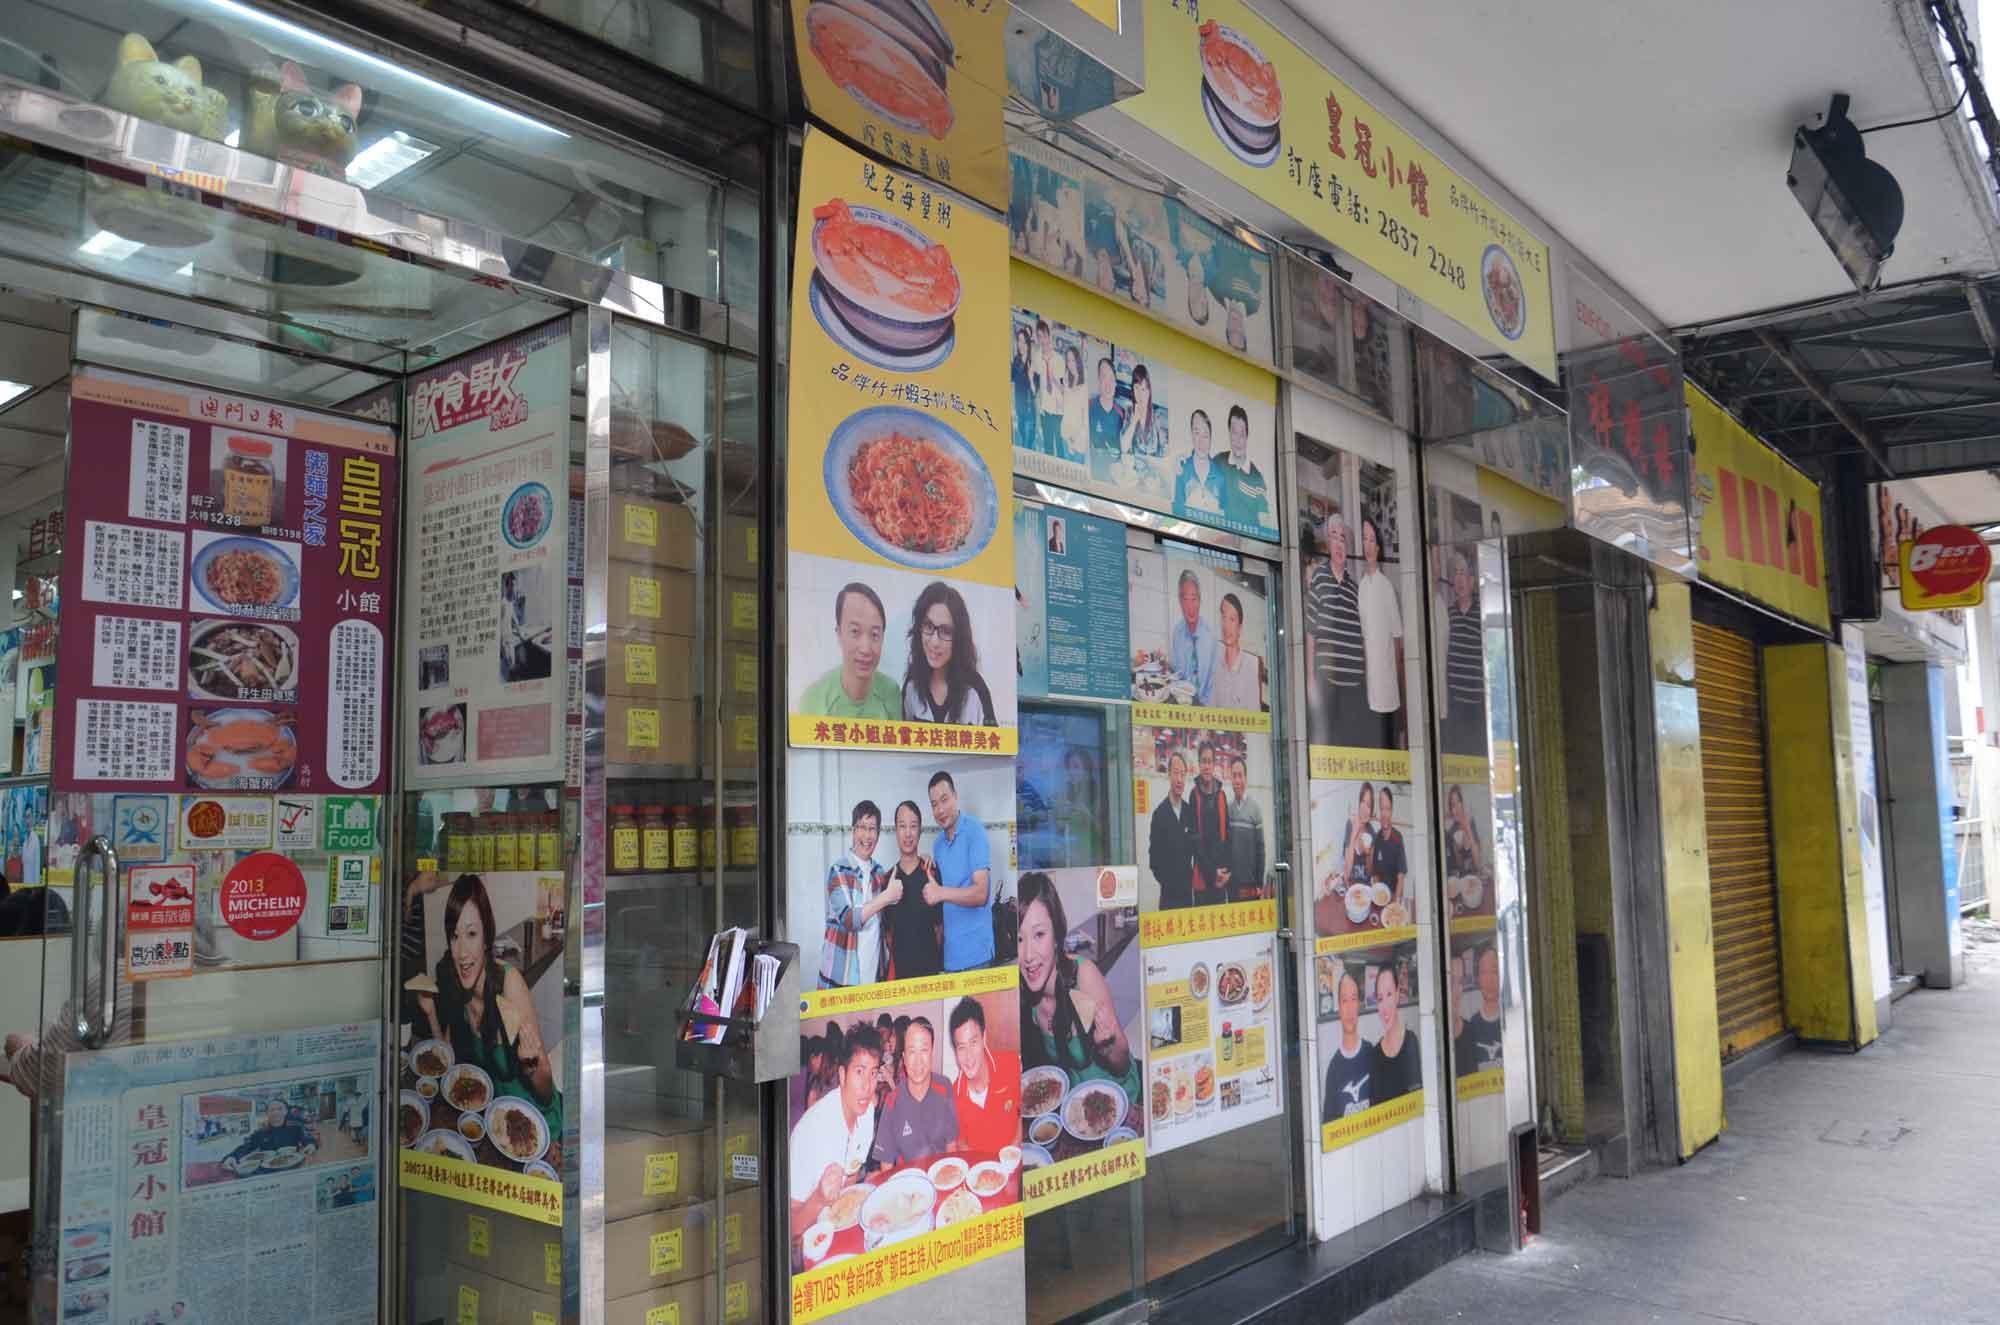 Wong Kun Sio Kung exterior